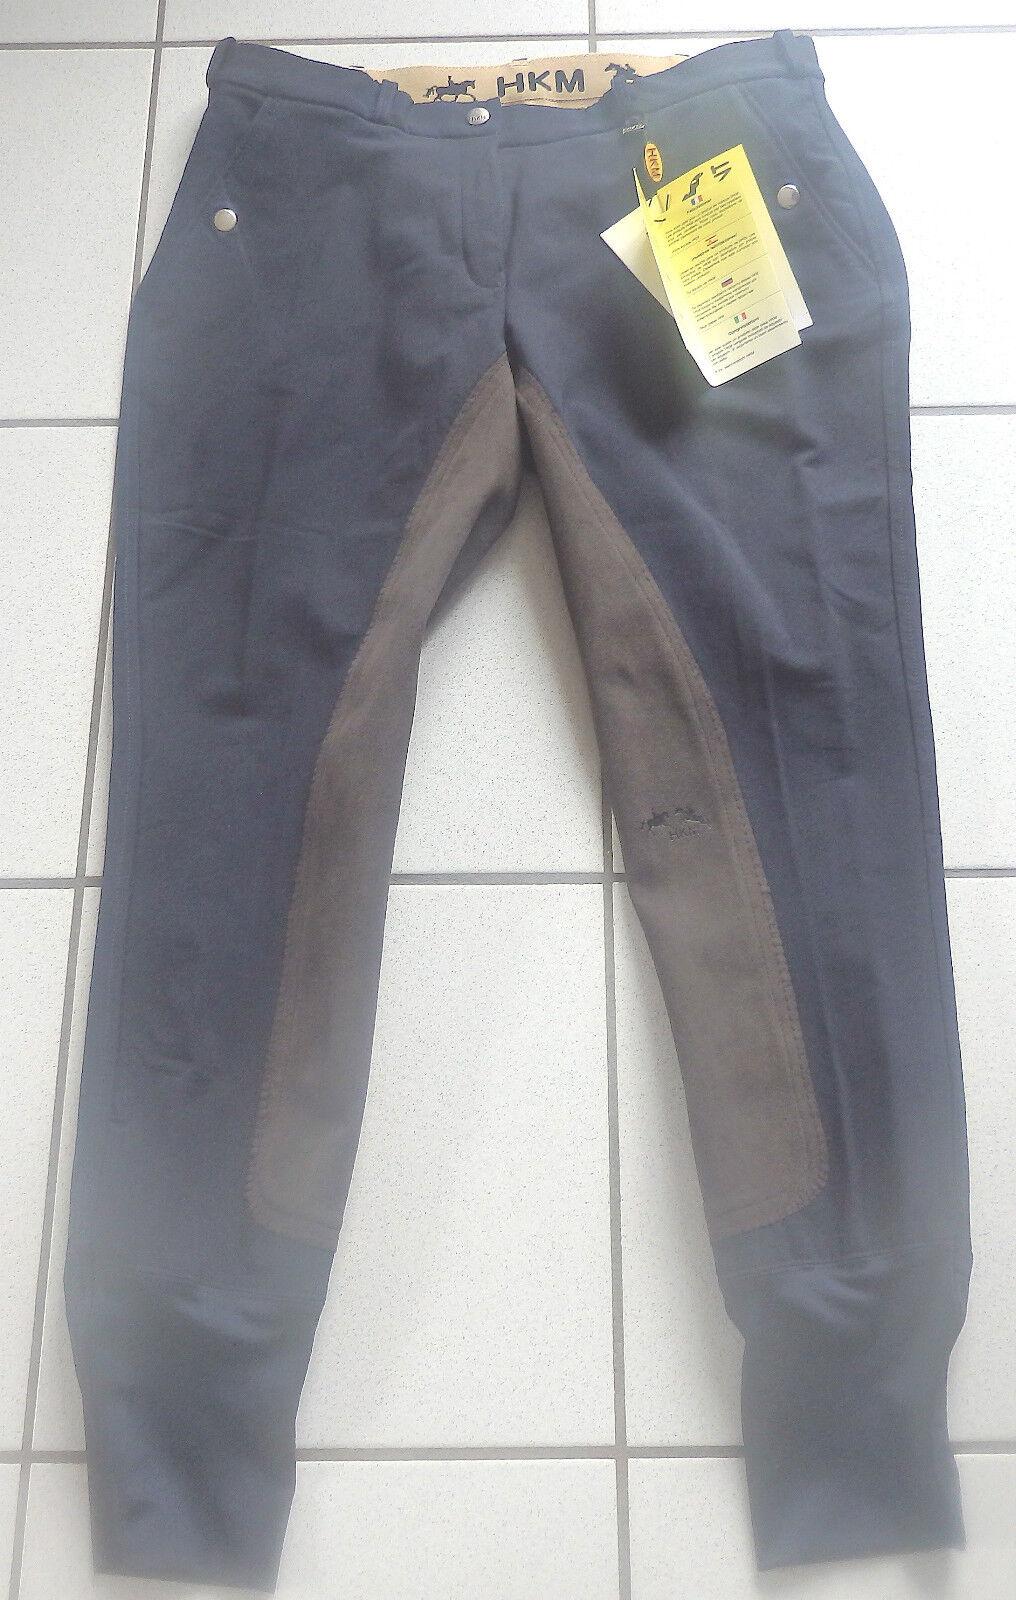 HKM Donna Pantaloni Montala, 34 guarnizione in pieno, Tg. 44, Blu scuro, 04113